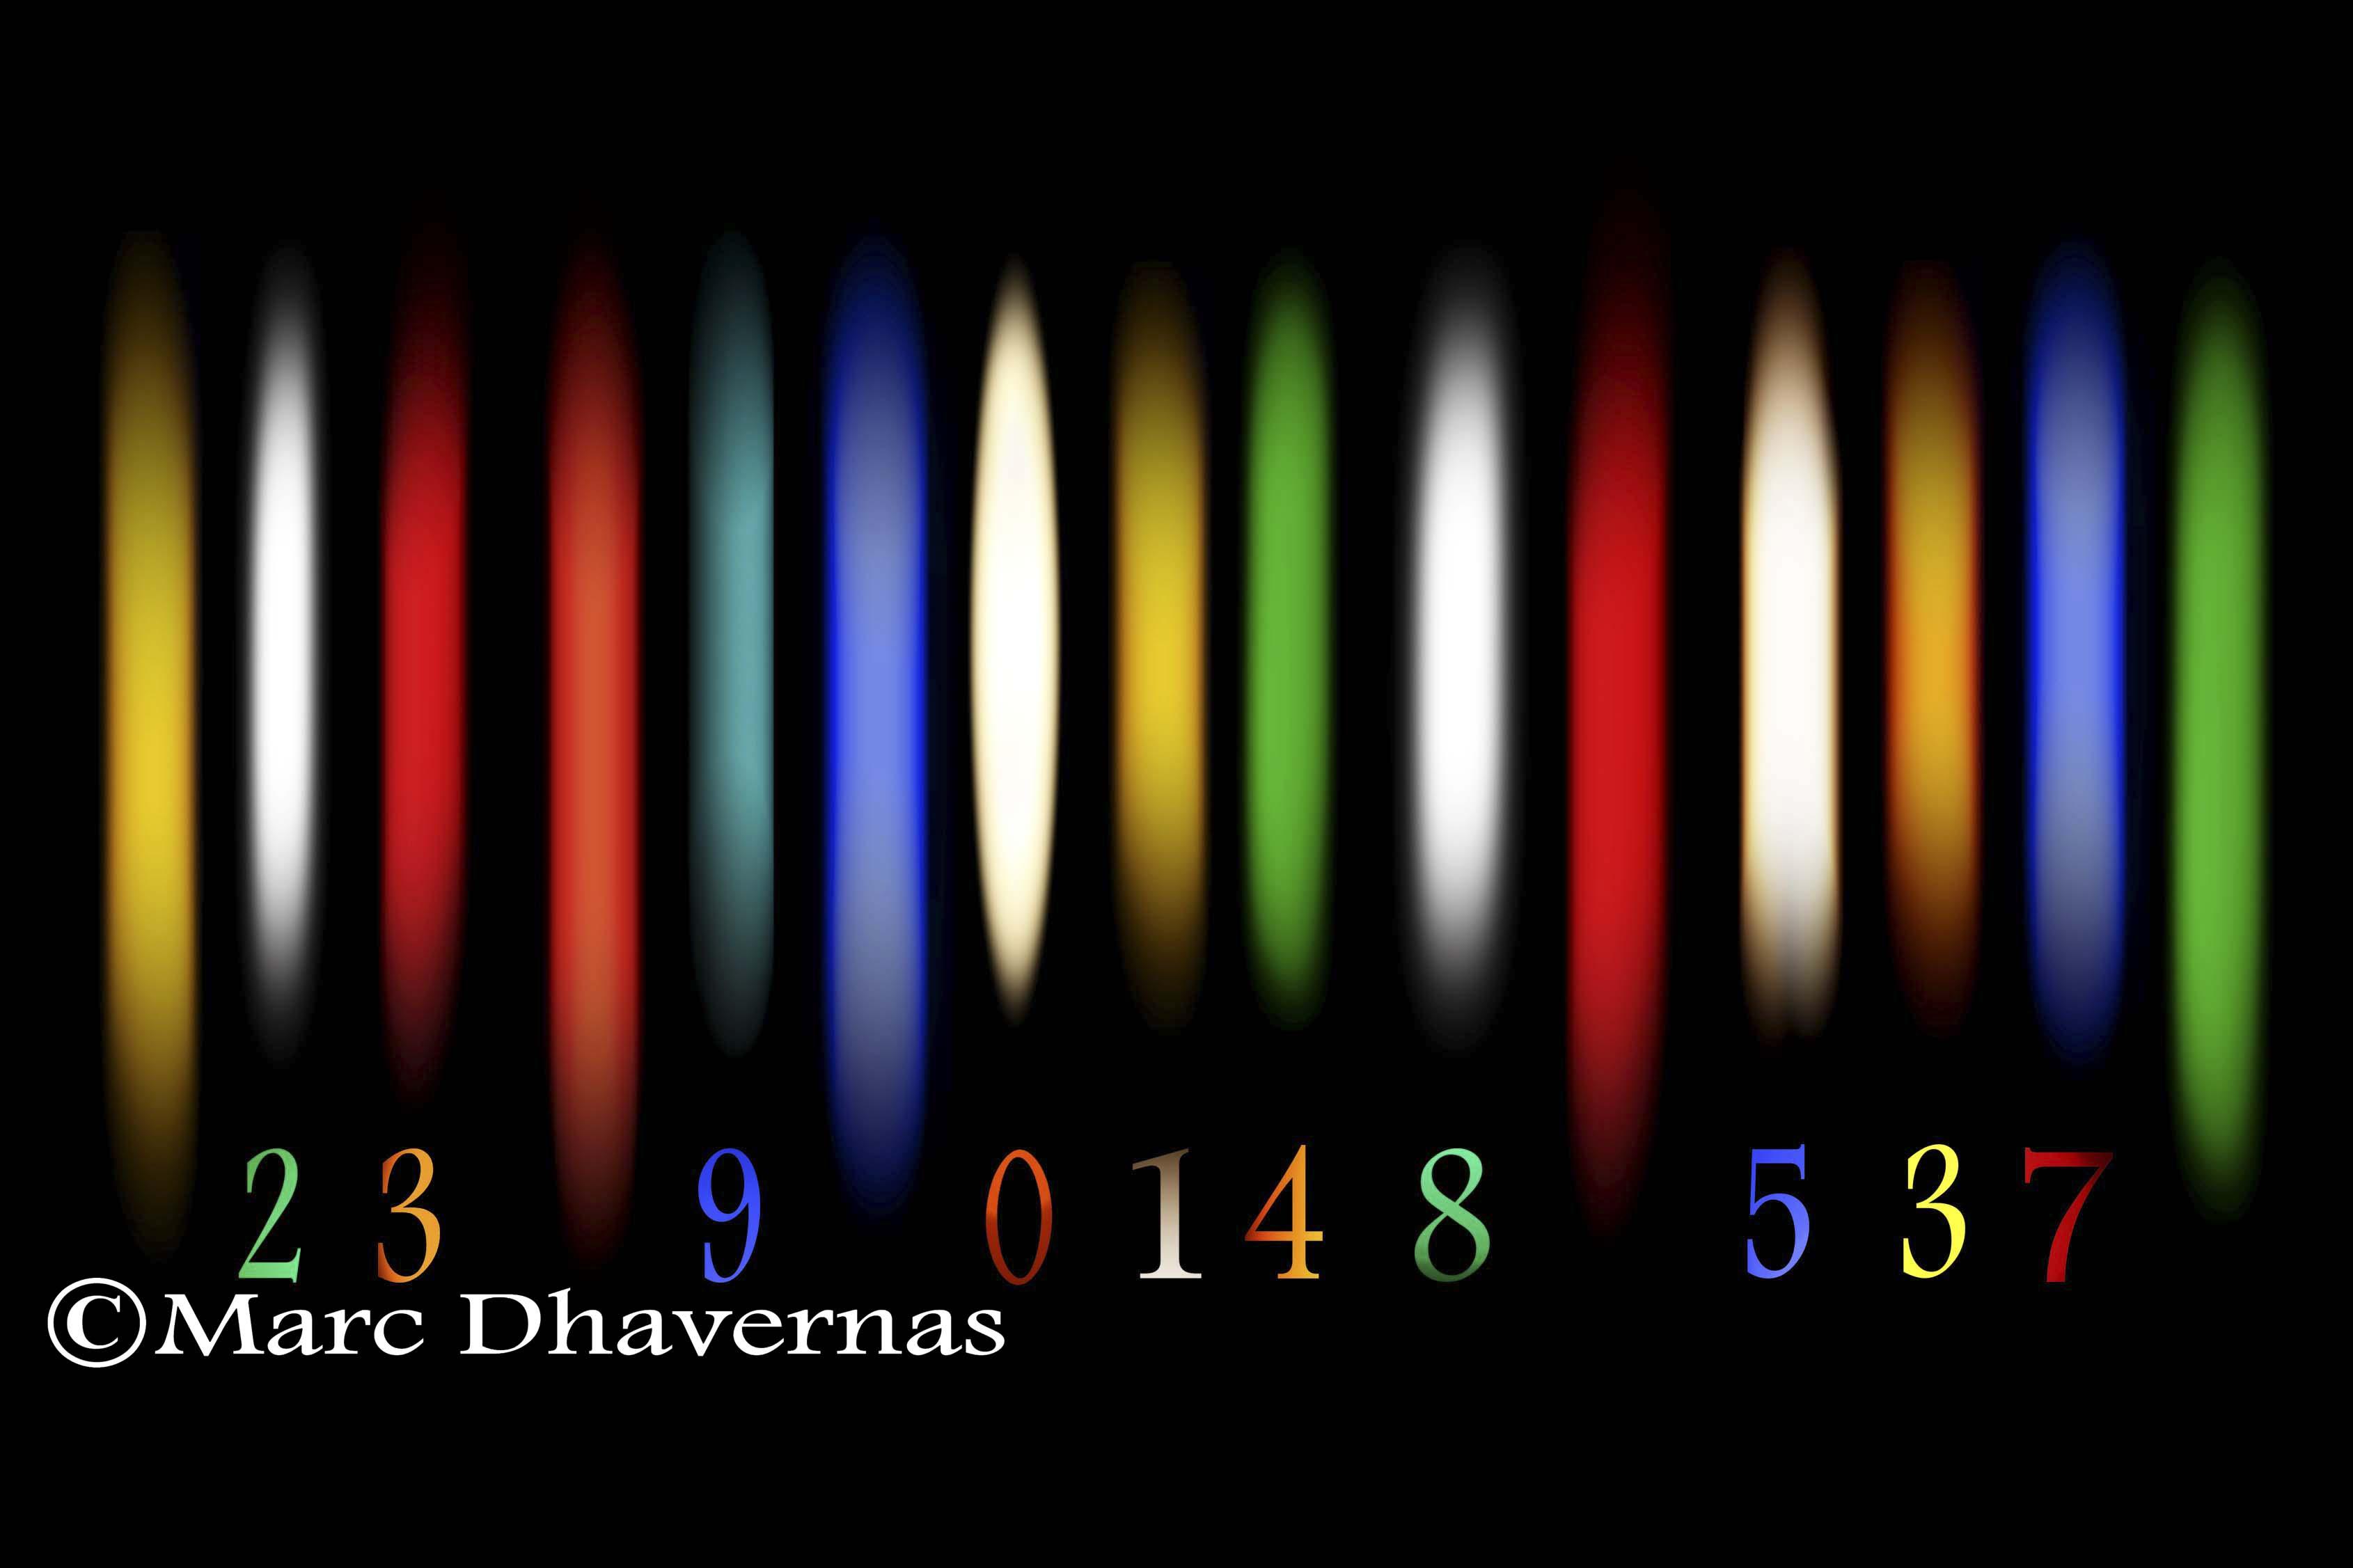 November 26 Barcode 18 - 250